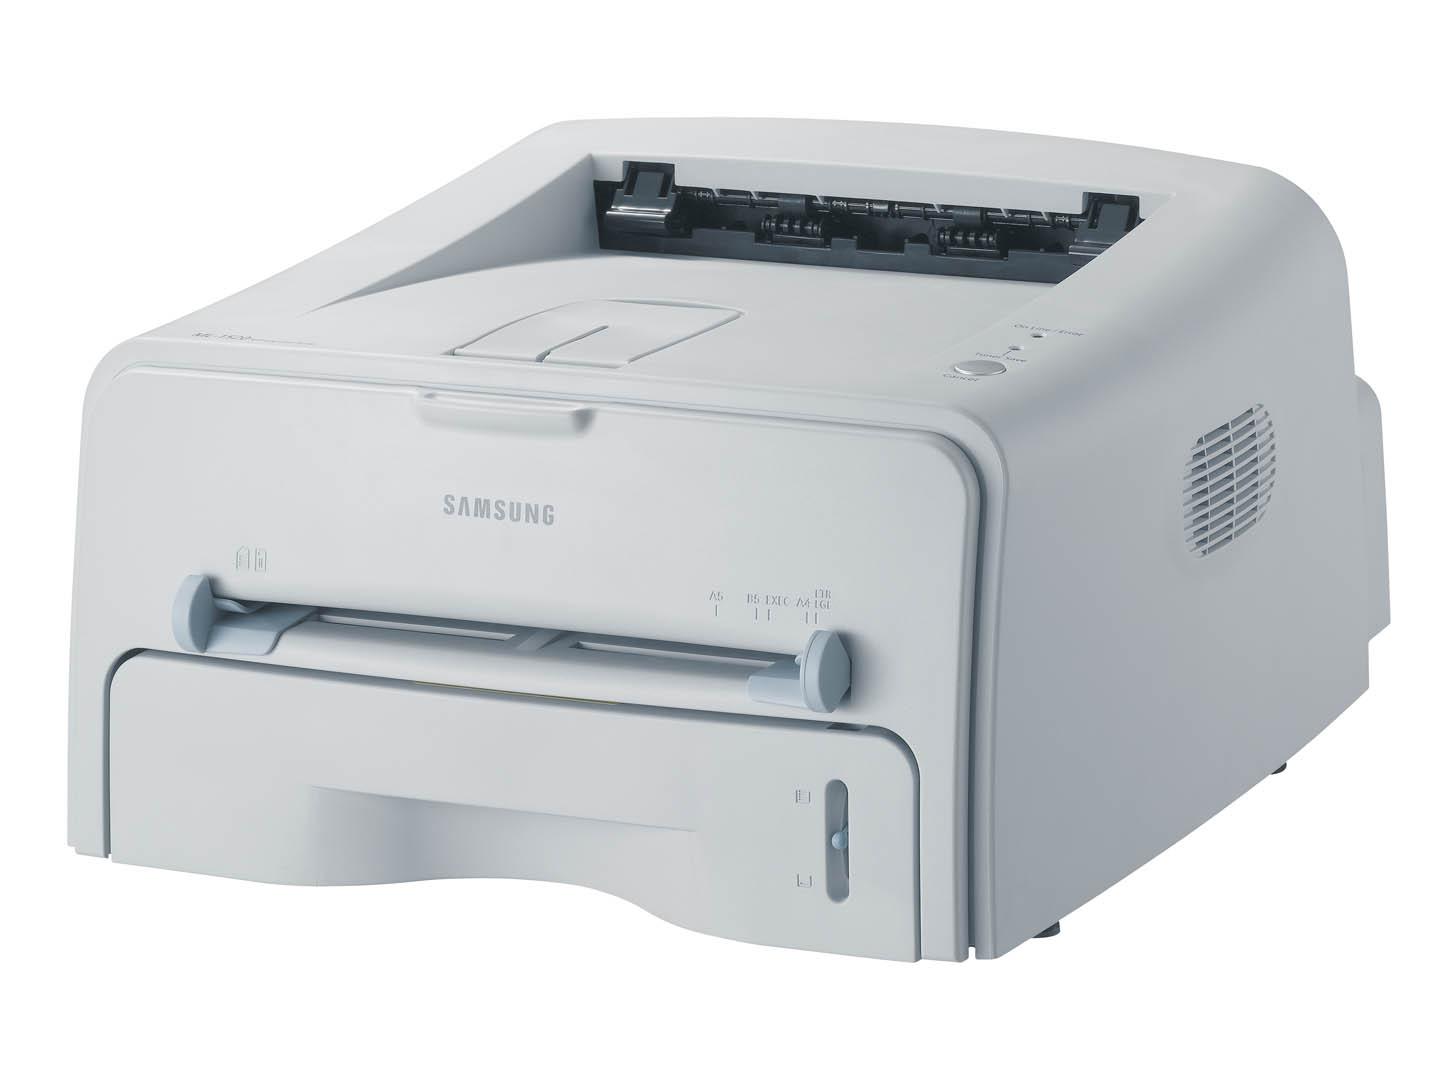 Samsung ML 1520